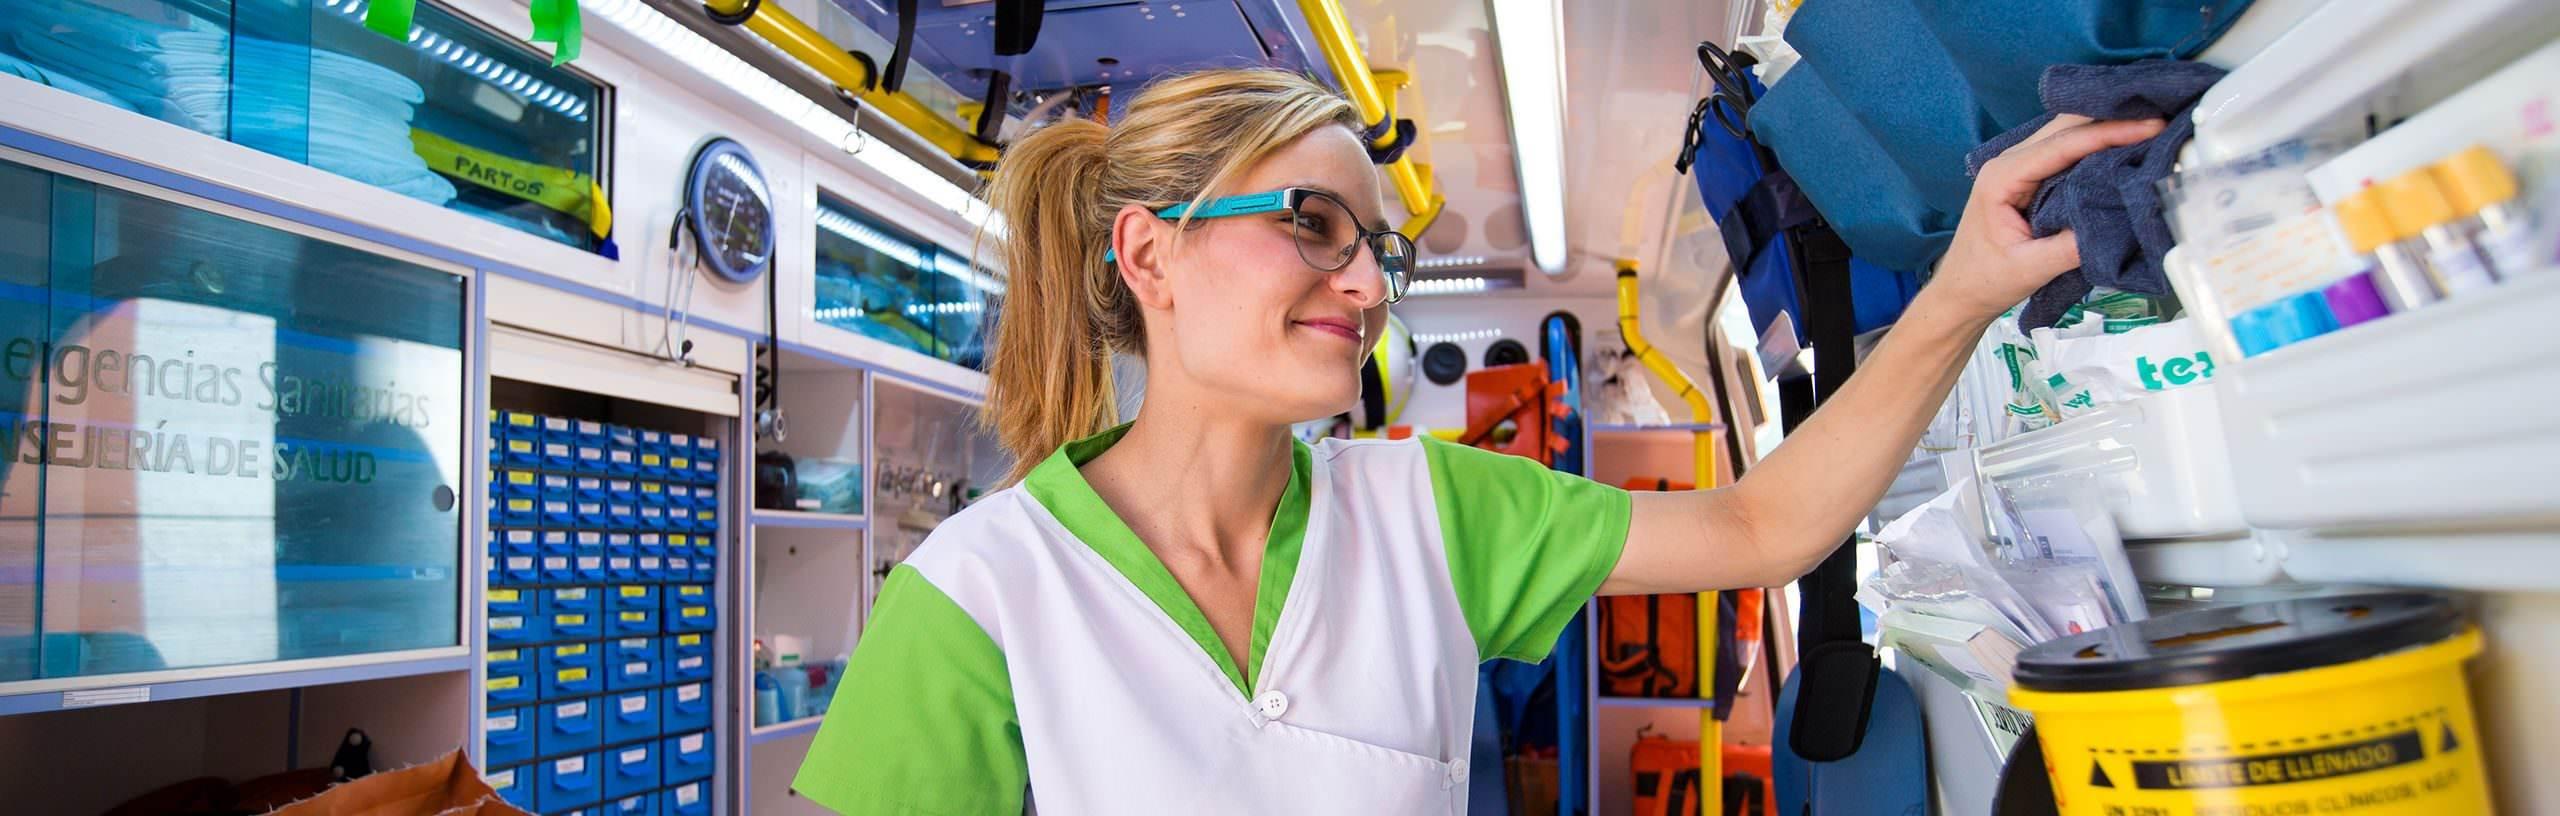 Limpiezas Castor. 5-1 Empresa de Limpieza. Limpiezas Castor